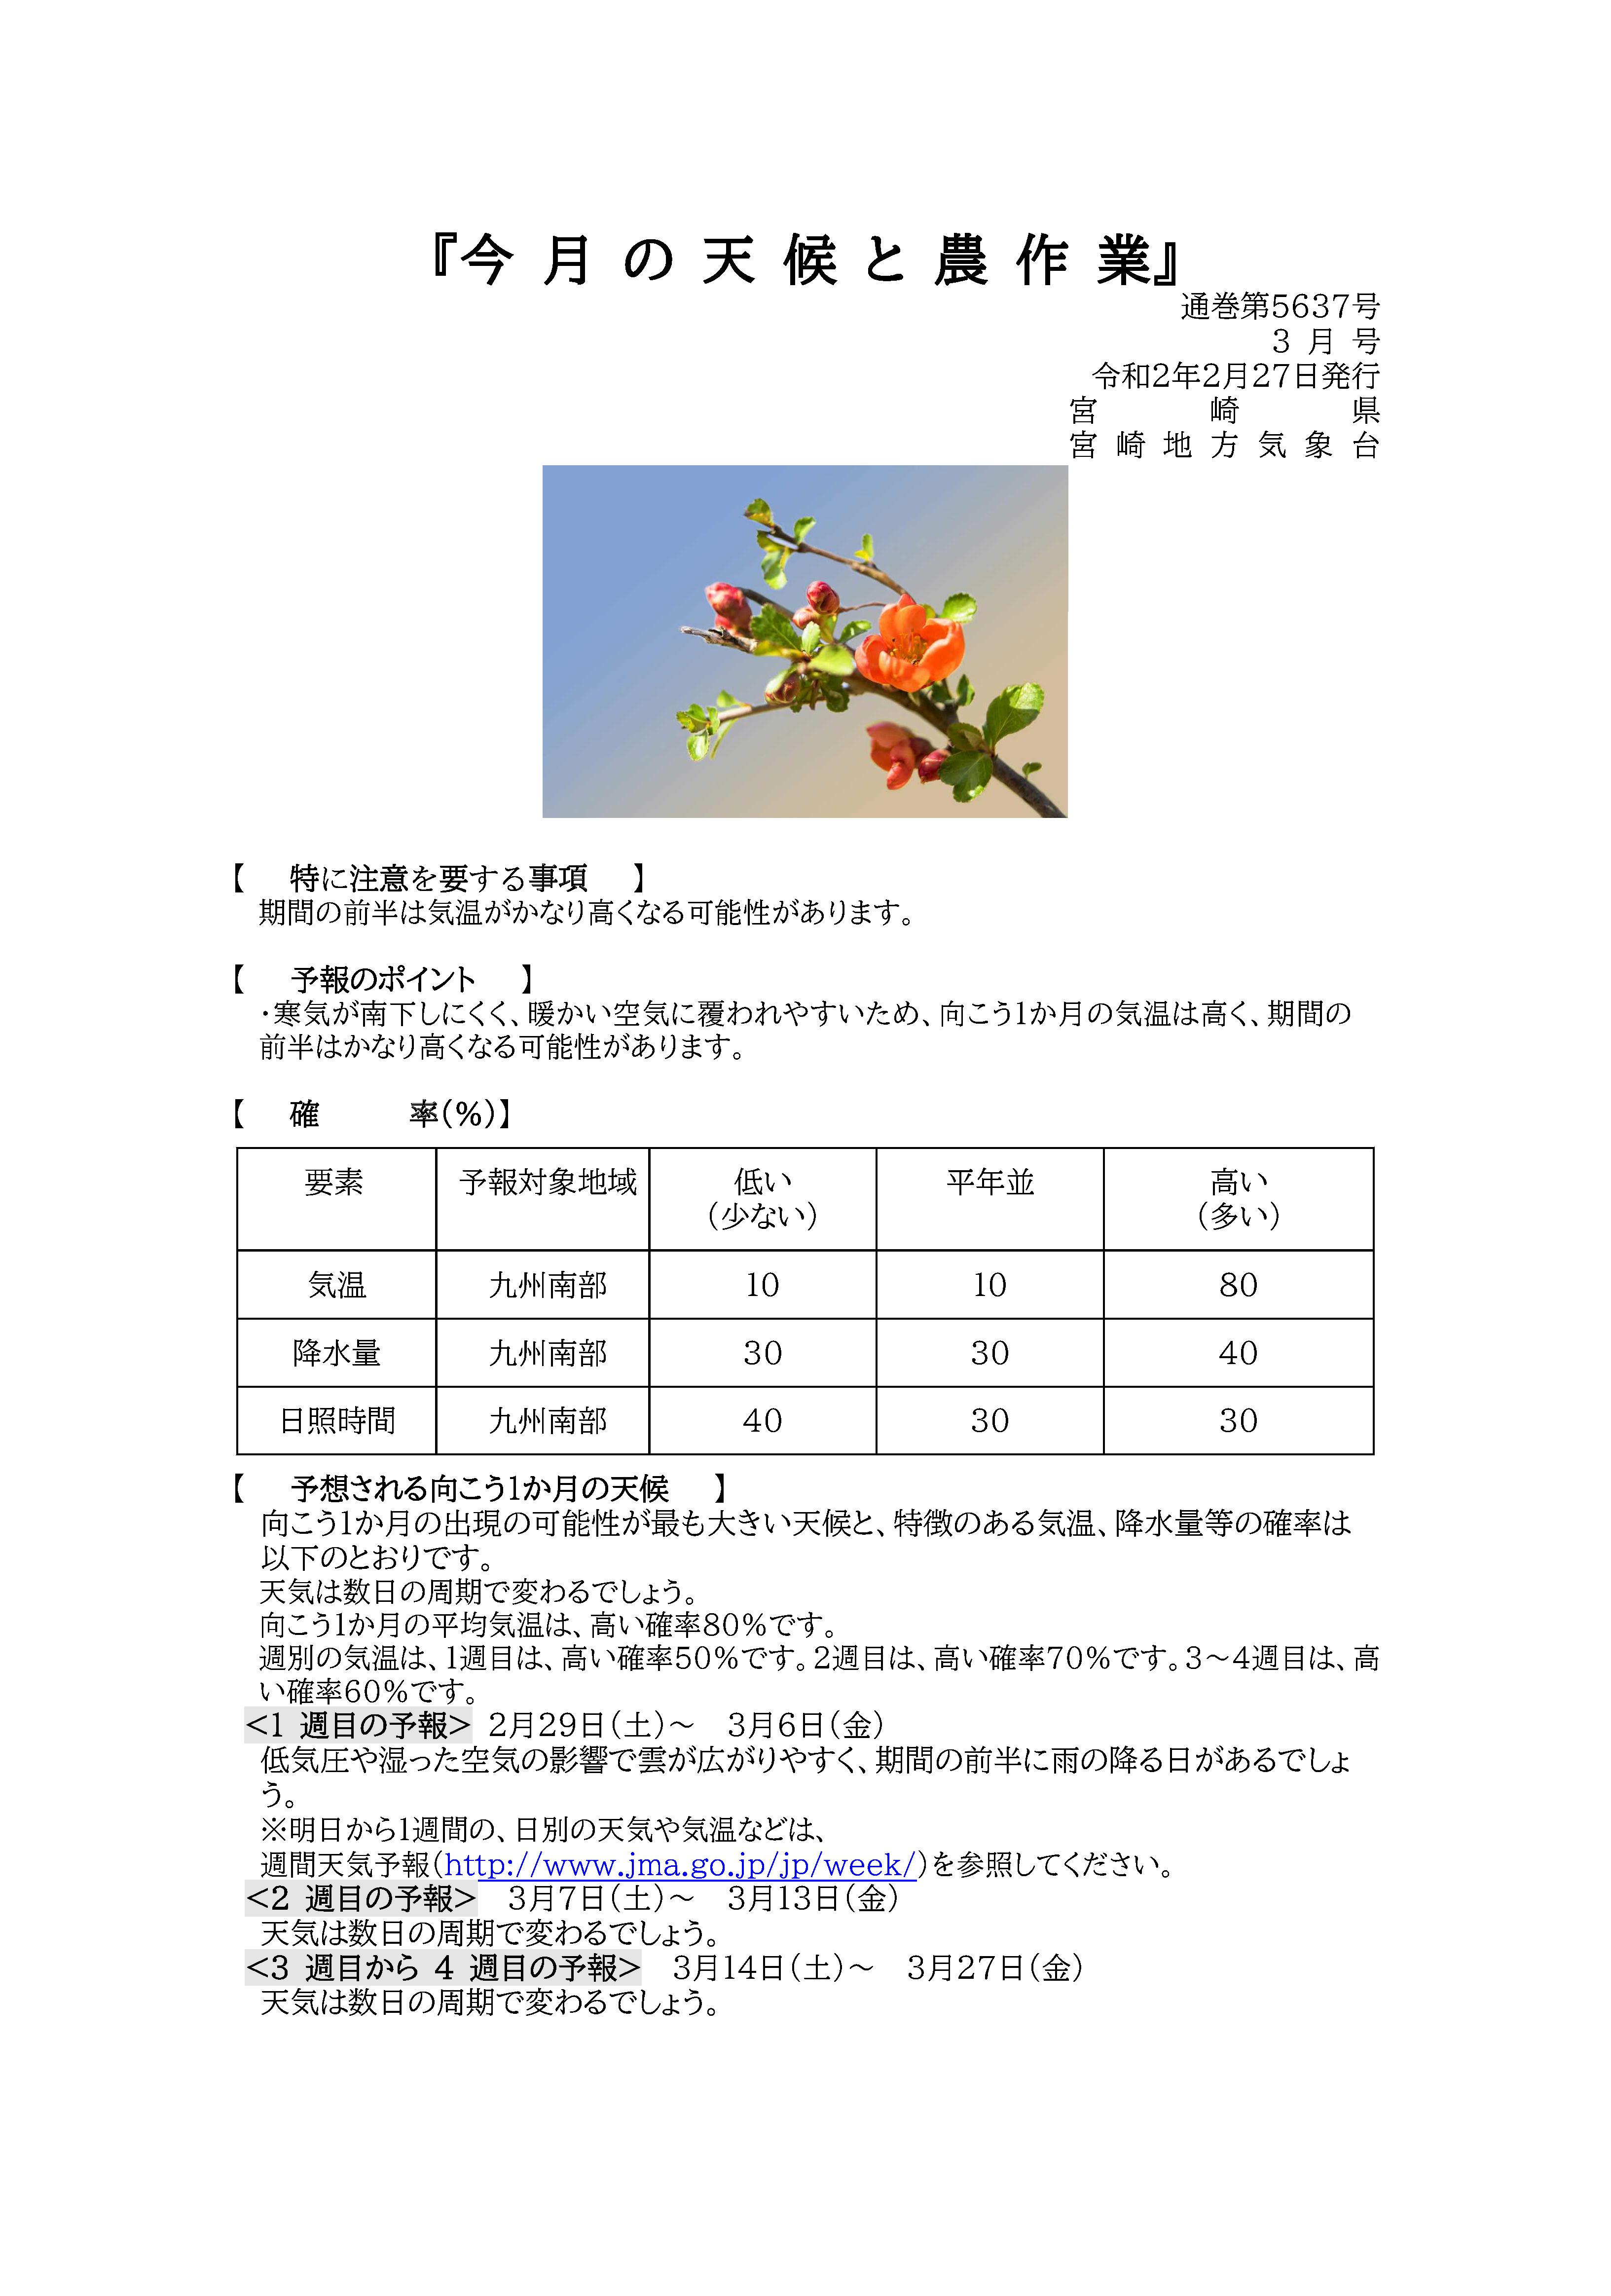 今月の天候と農作業2020年3月版